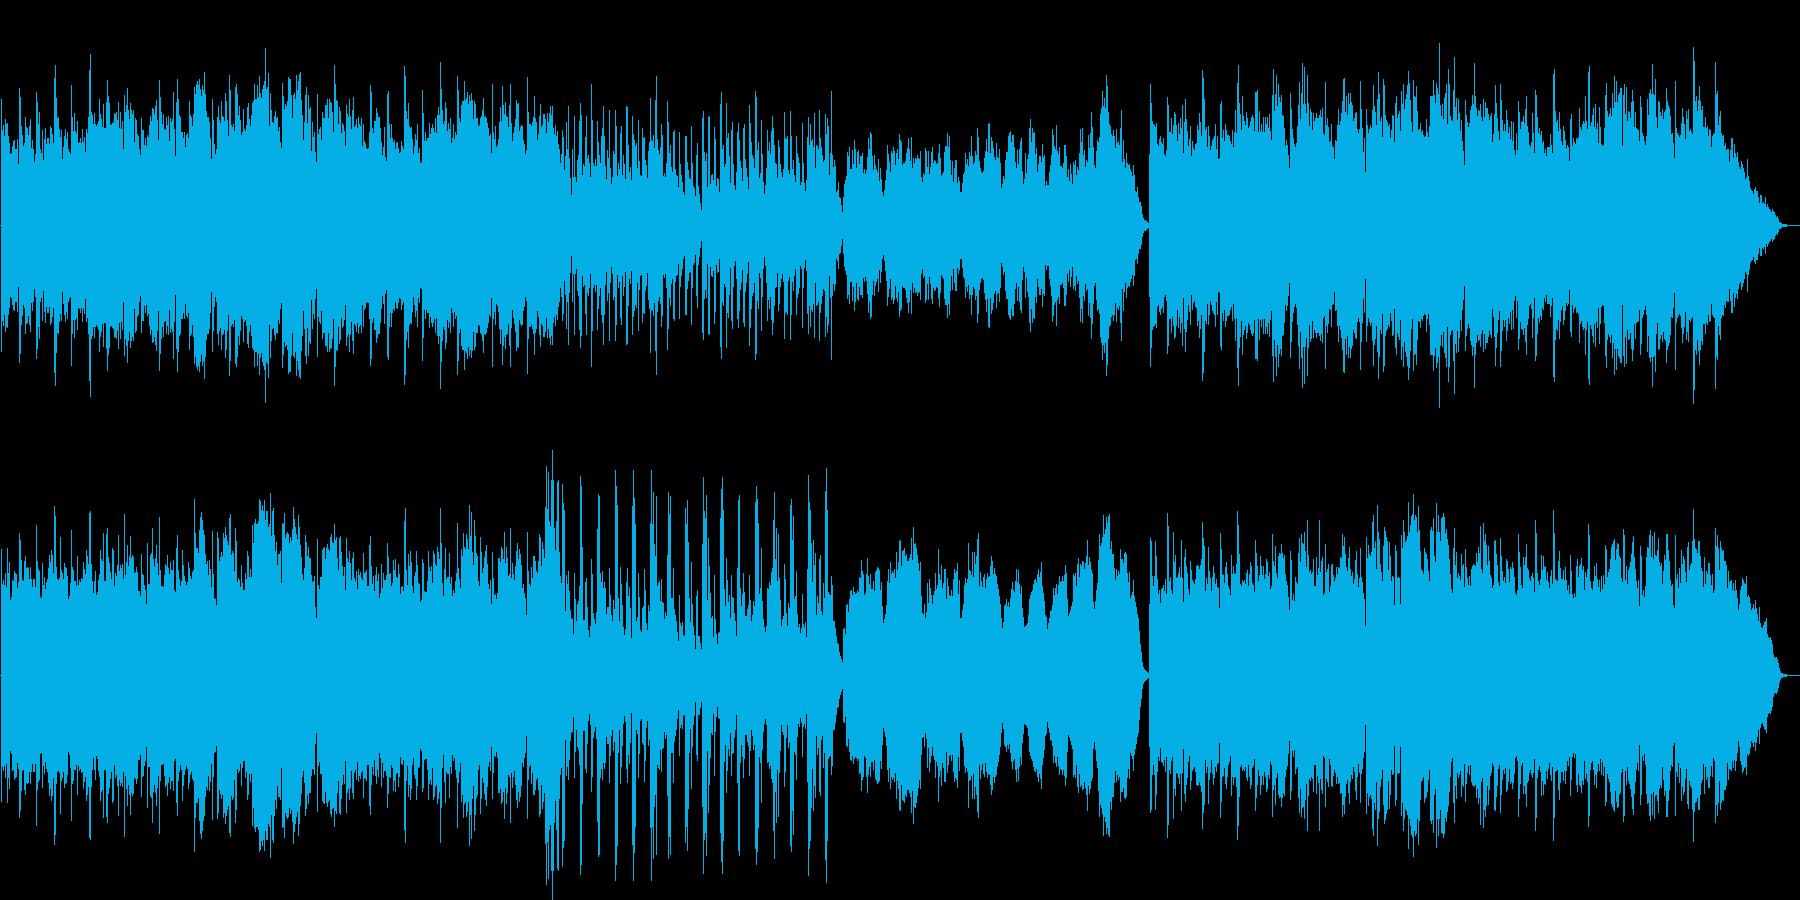 明るく陽気なメロディのワルツの再生済みの波形